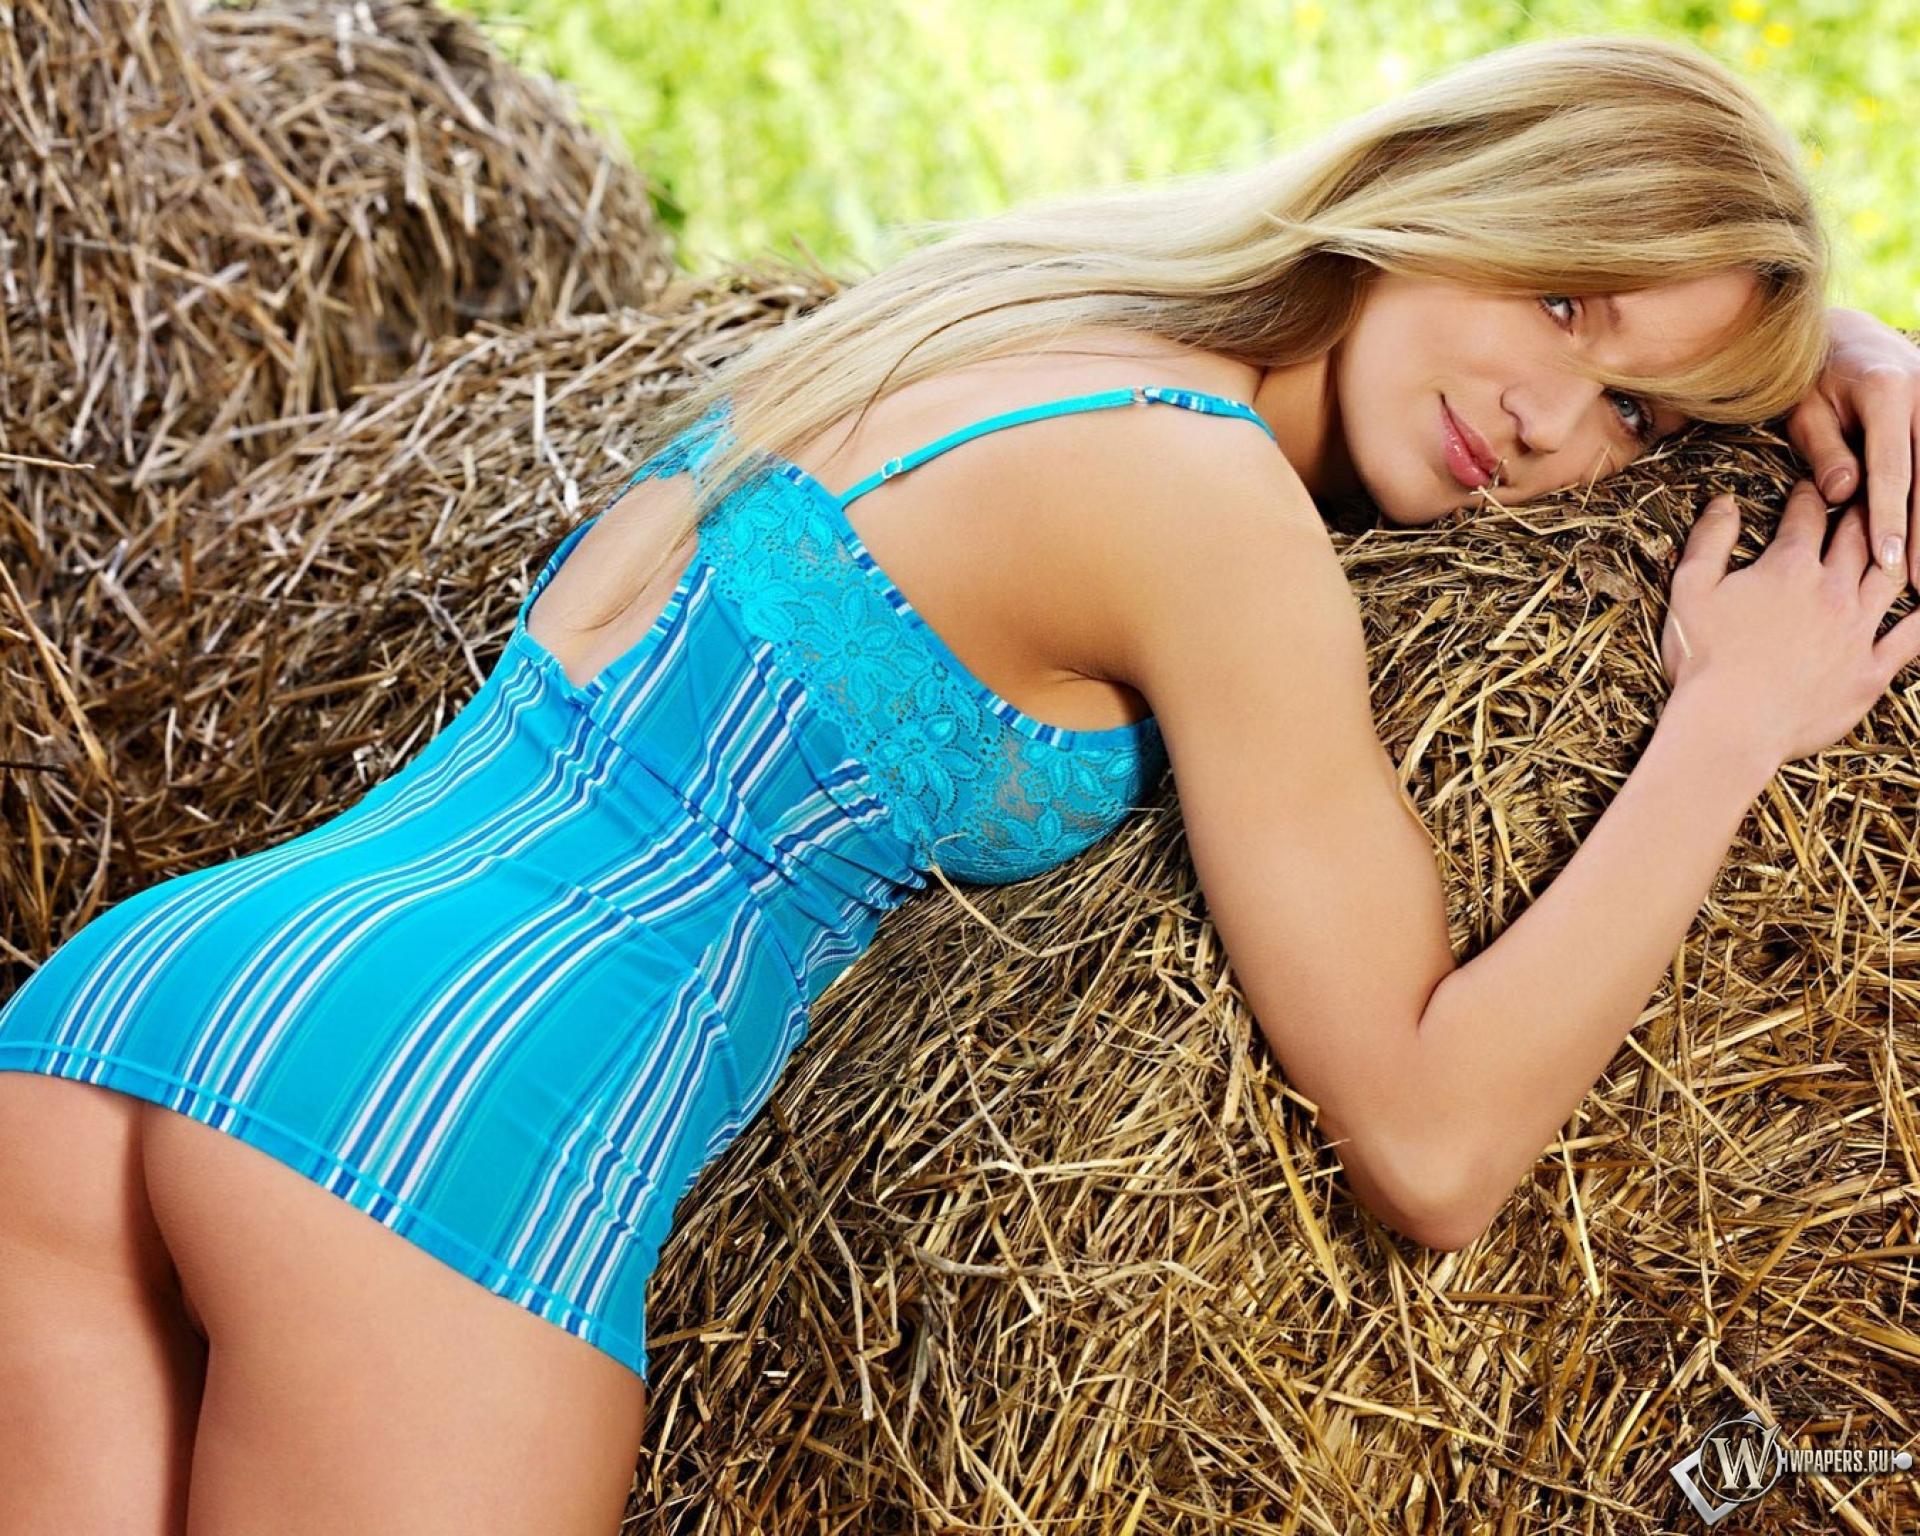 Секс с колхозницей на сеновале, видео на природе ню присланное